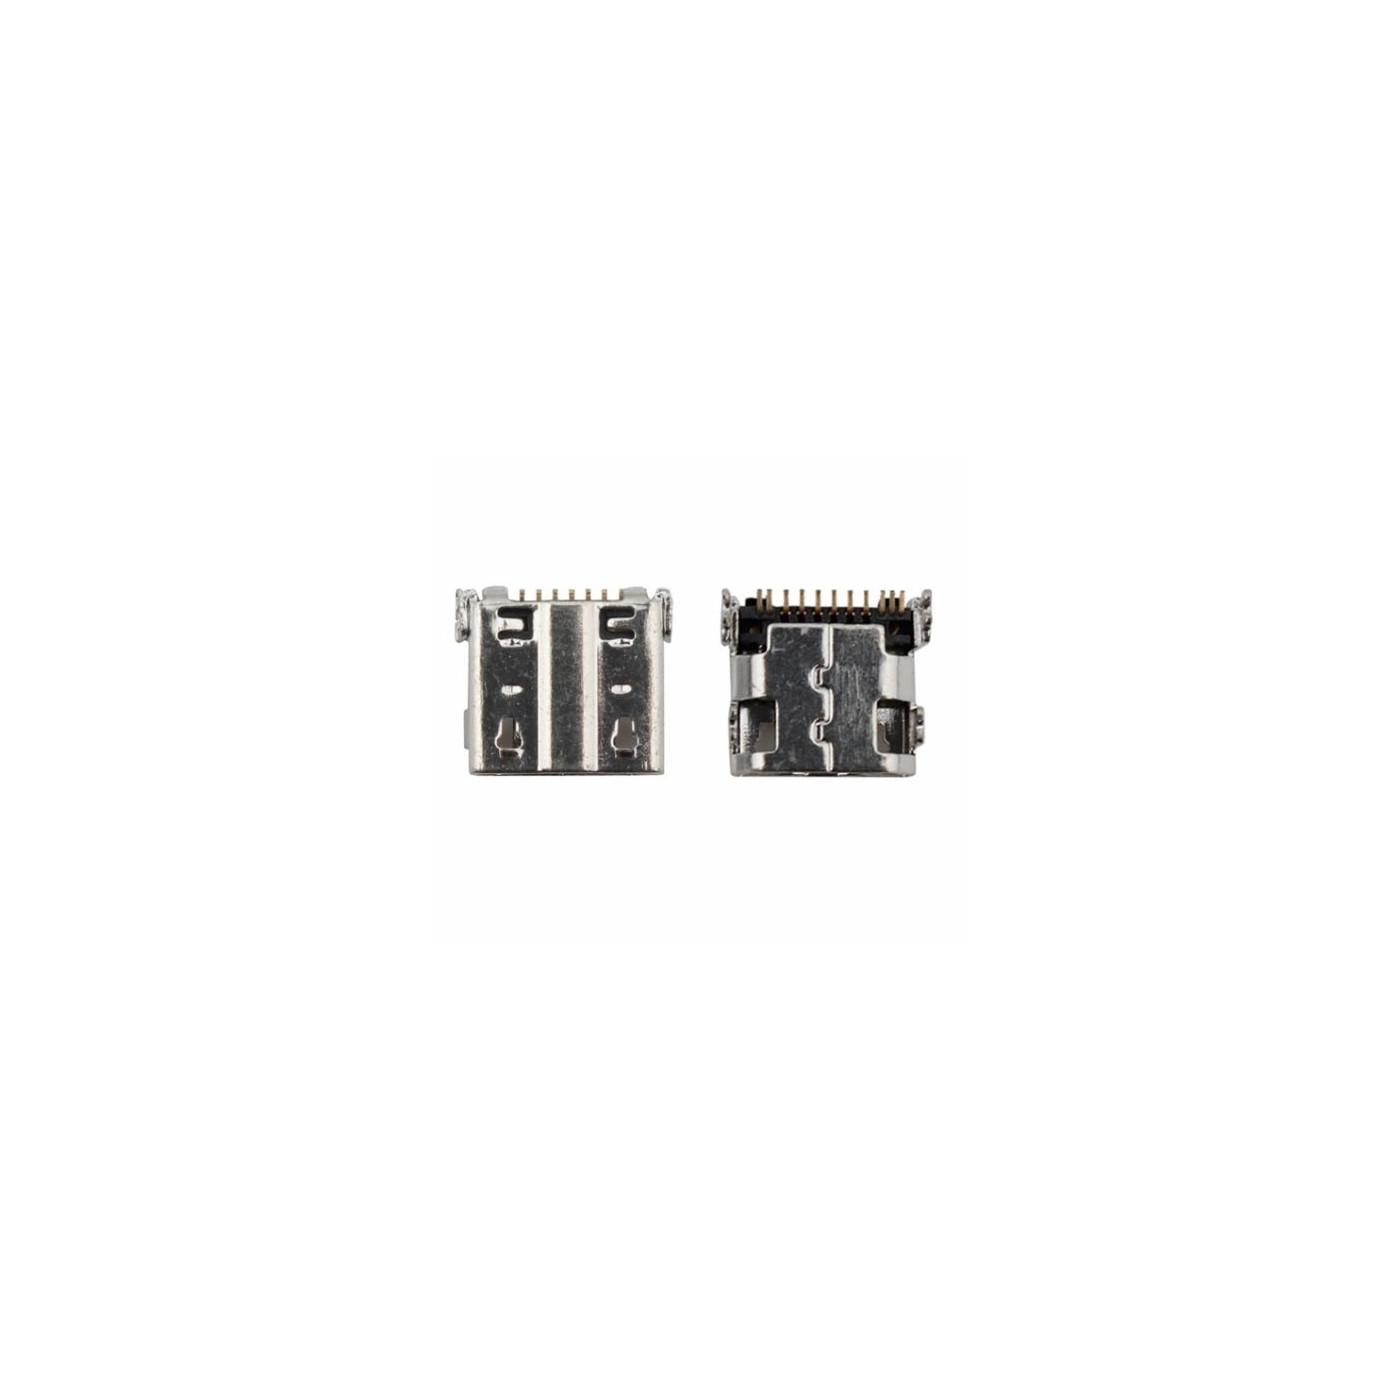 Conector de carga Samsung Galaxy S4 i9500 i9505 Micro puerto de datos USB de carga